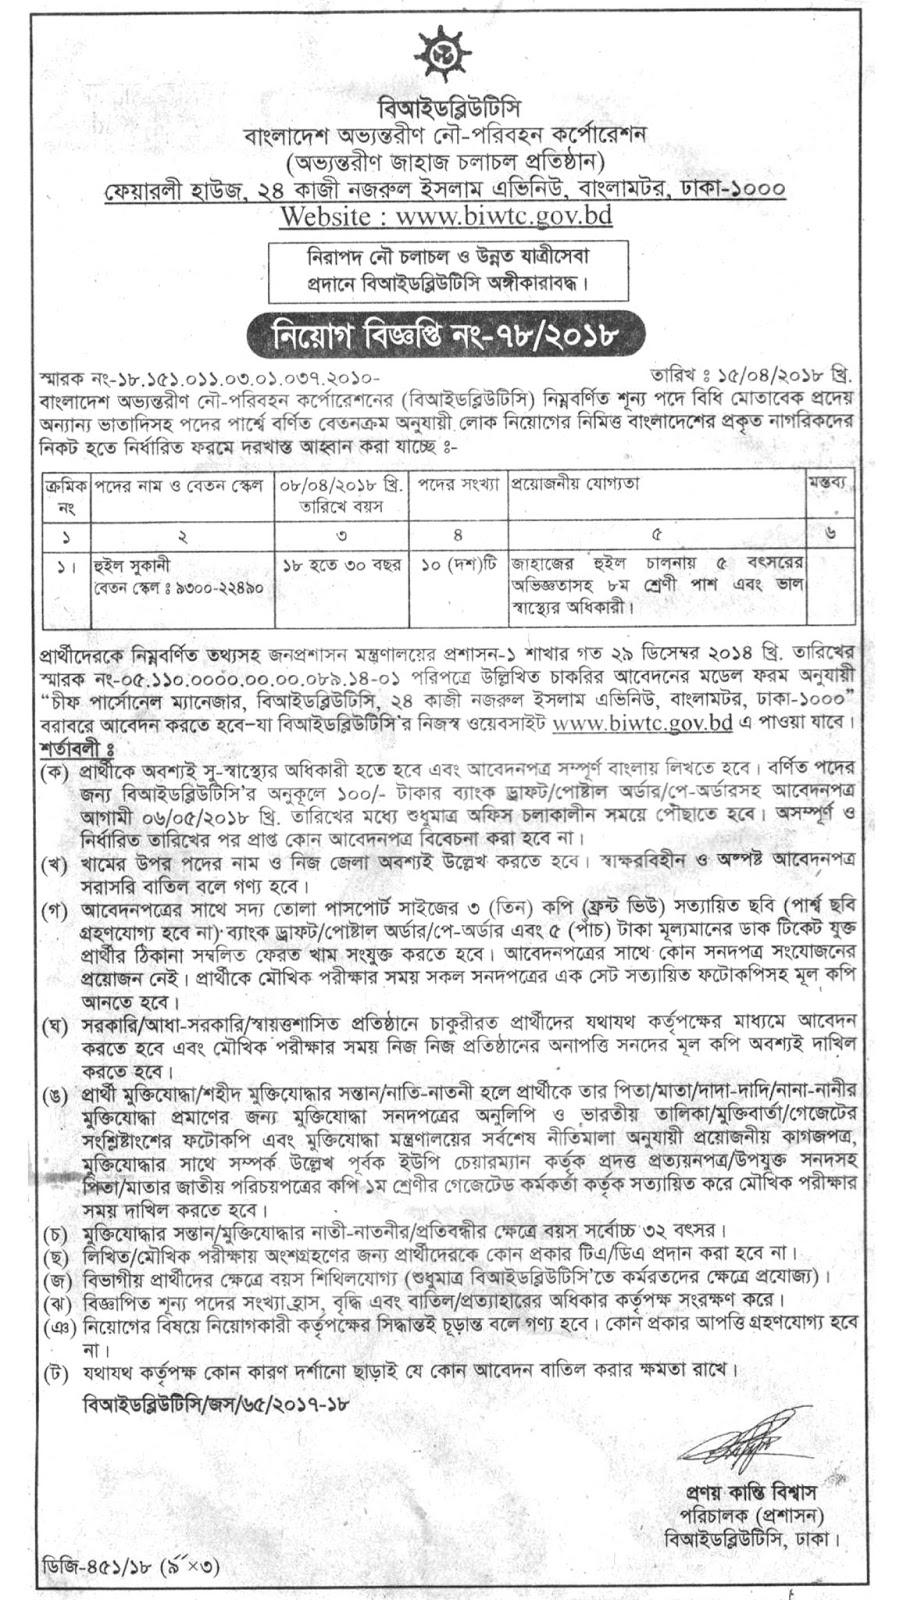 Bangladesh Inland Water Transport Corporation (BIWTC) Job Circular 2018